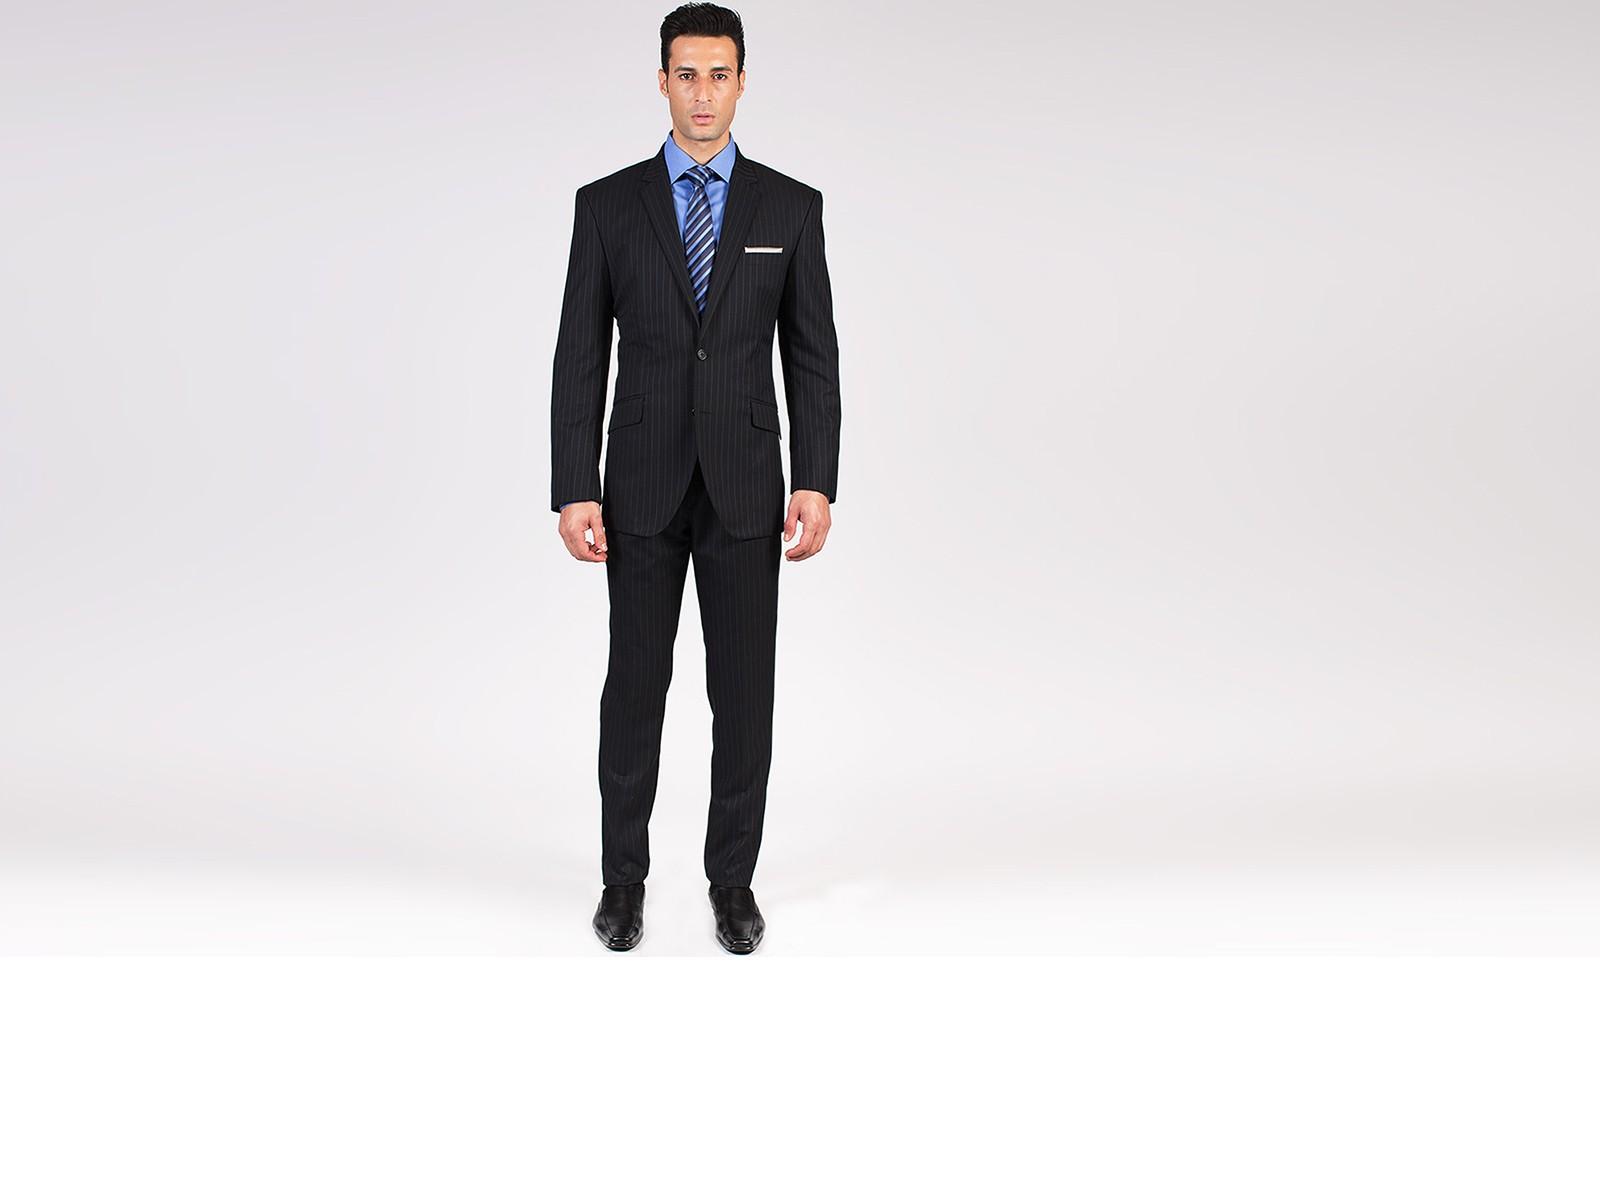 The Philanthropist - Black Pinstripe 2 Piece Custom Suit